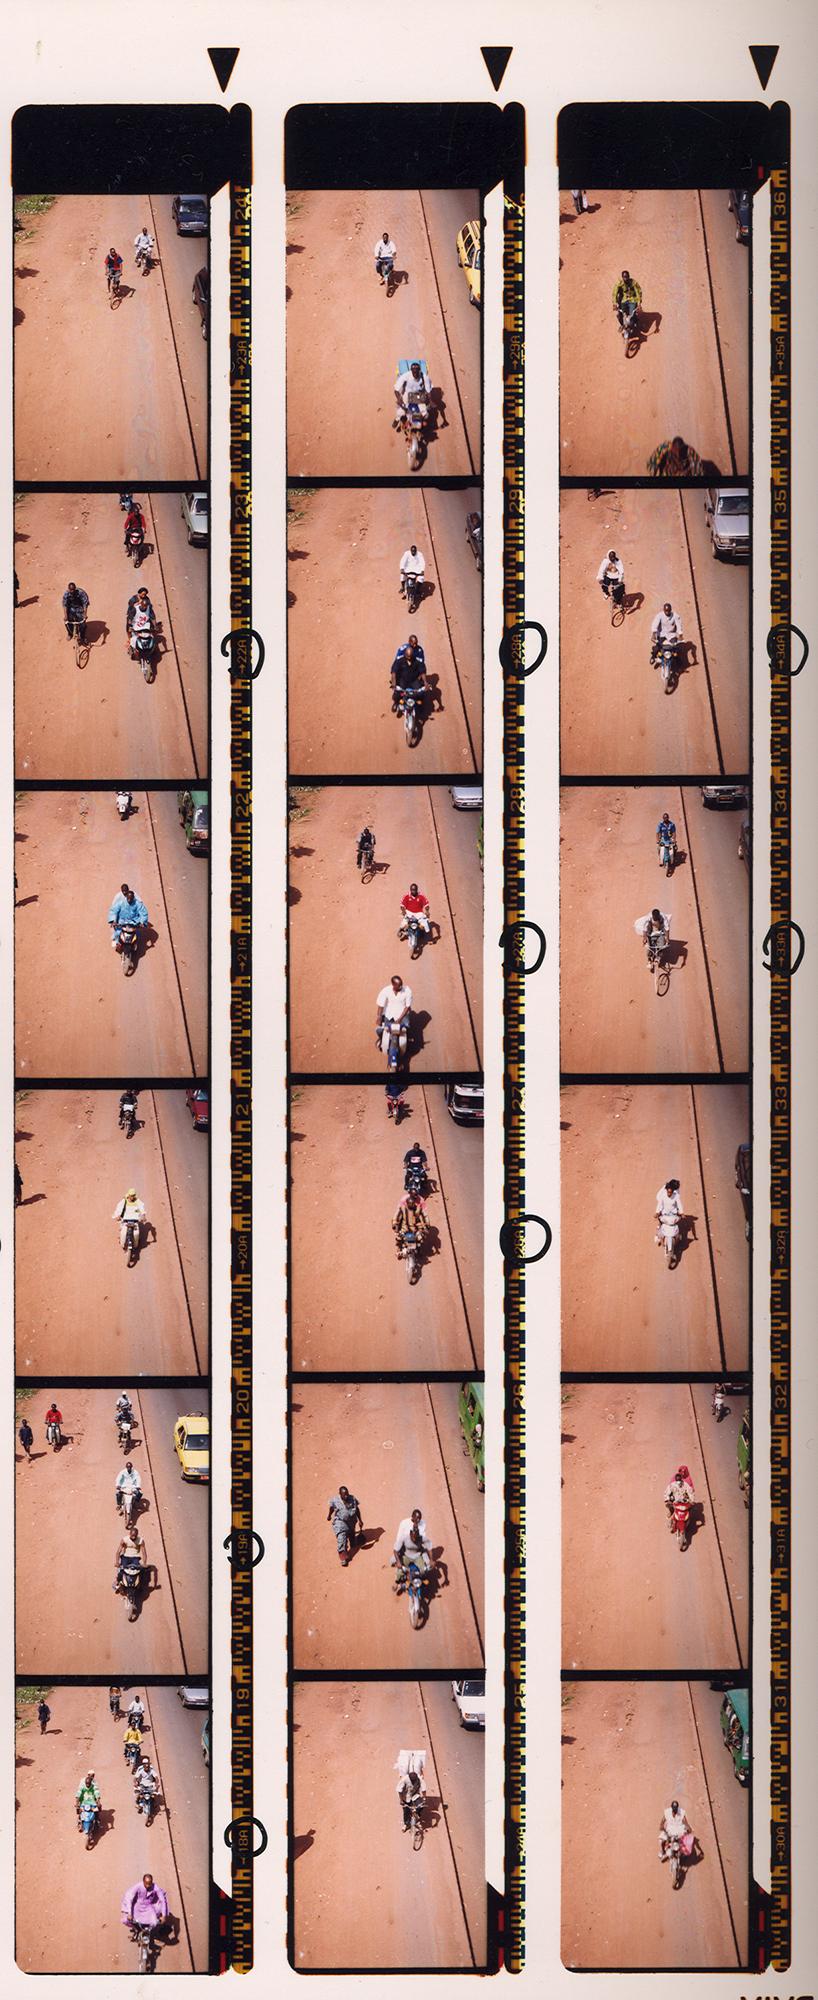 Magnolia Soto. Serie Bamako sur le pont, 2005. Hoja de contacto 7. Fotografía.